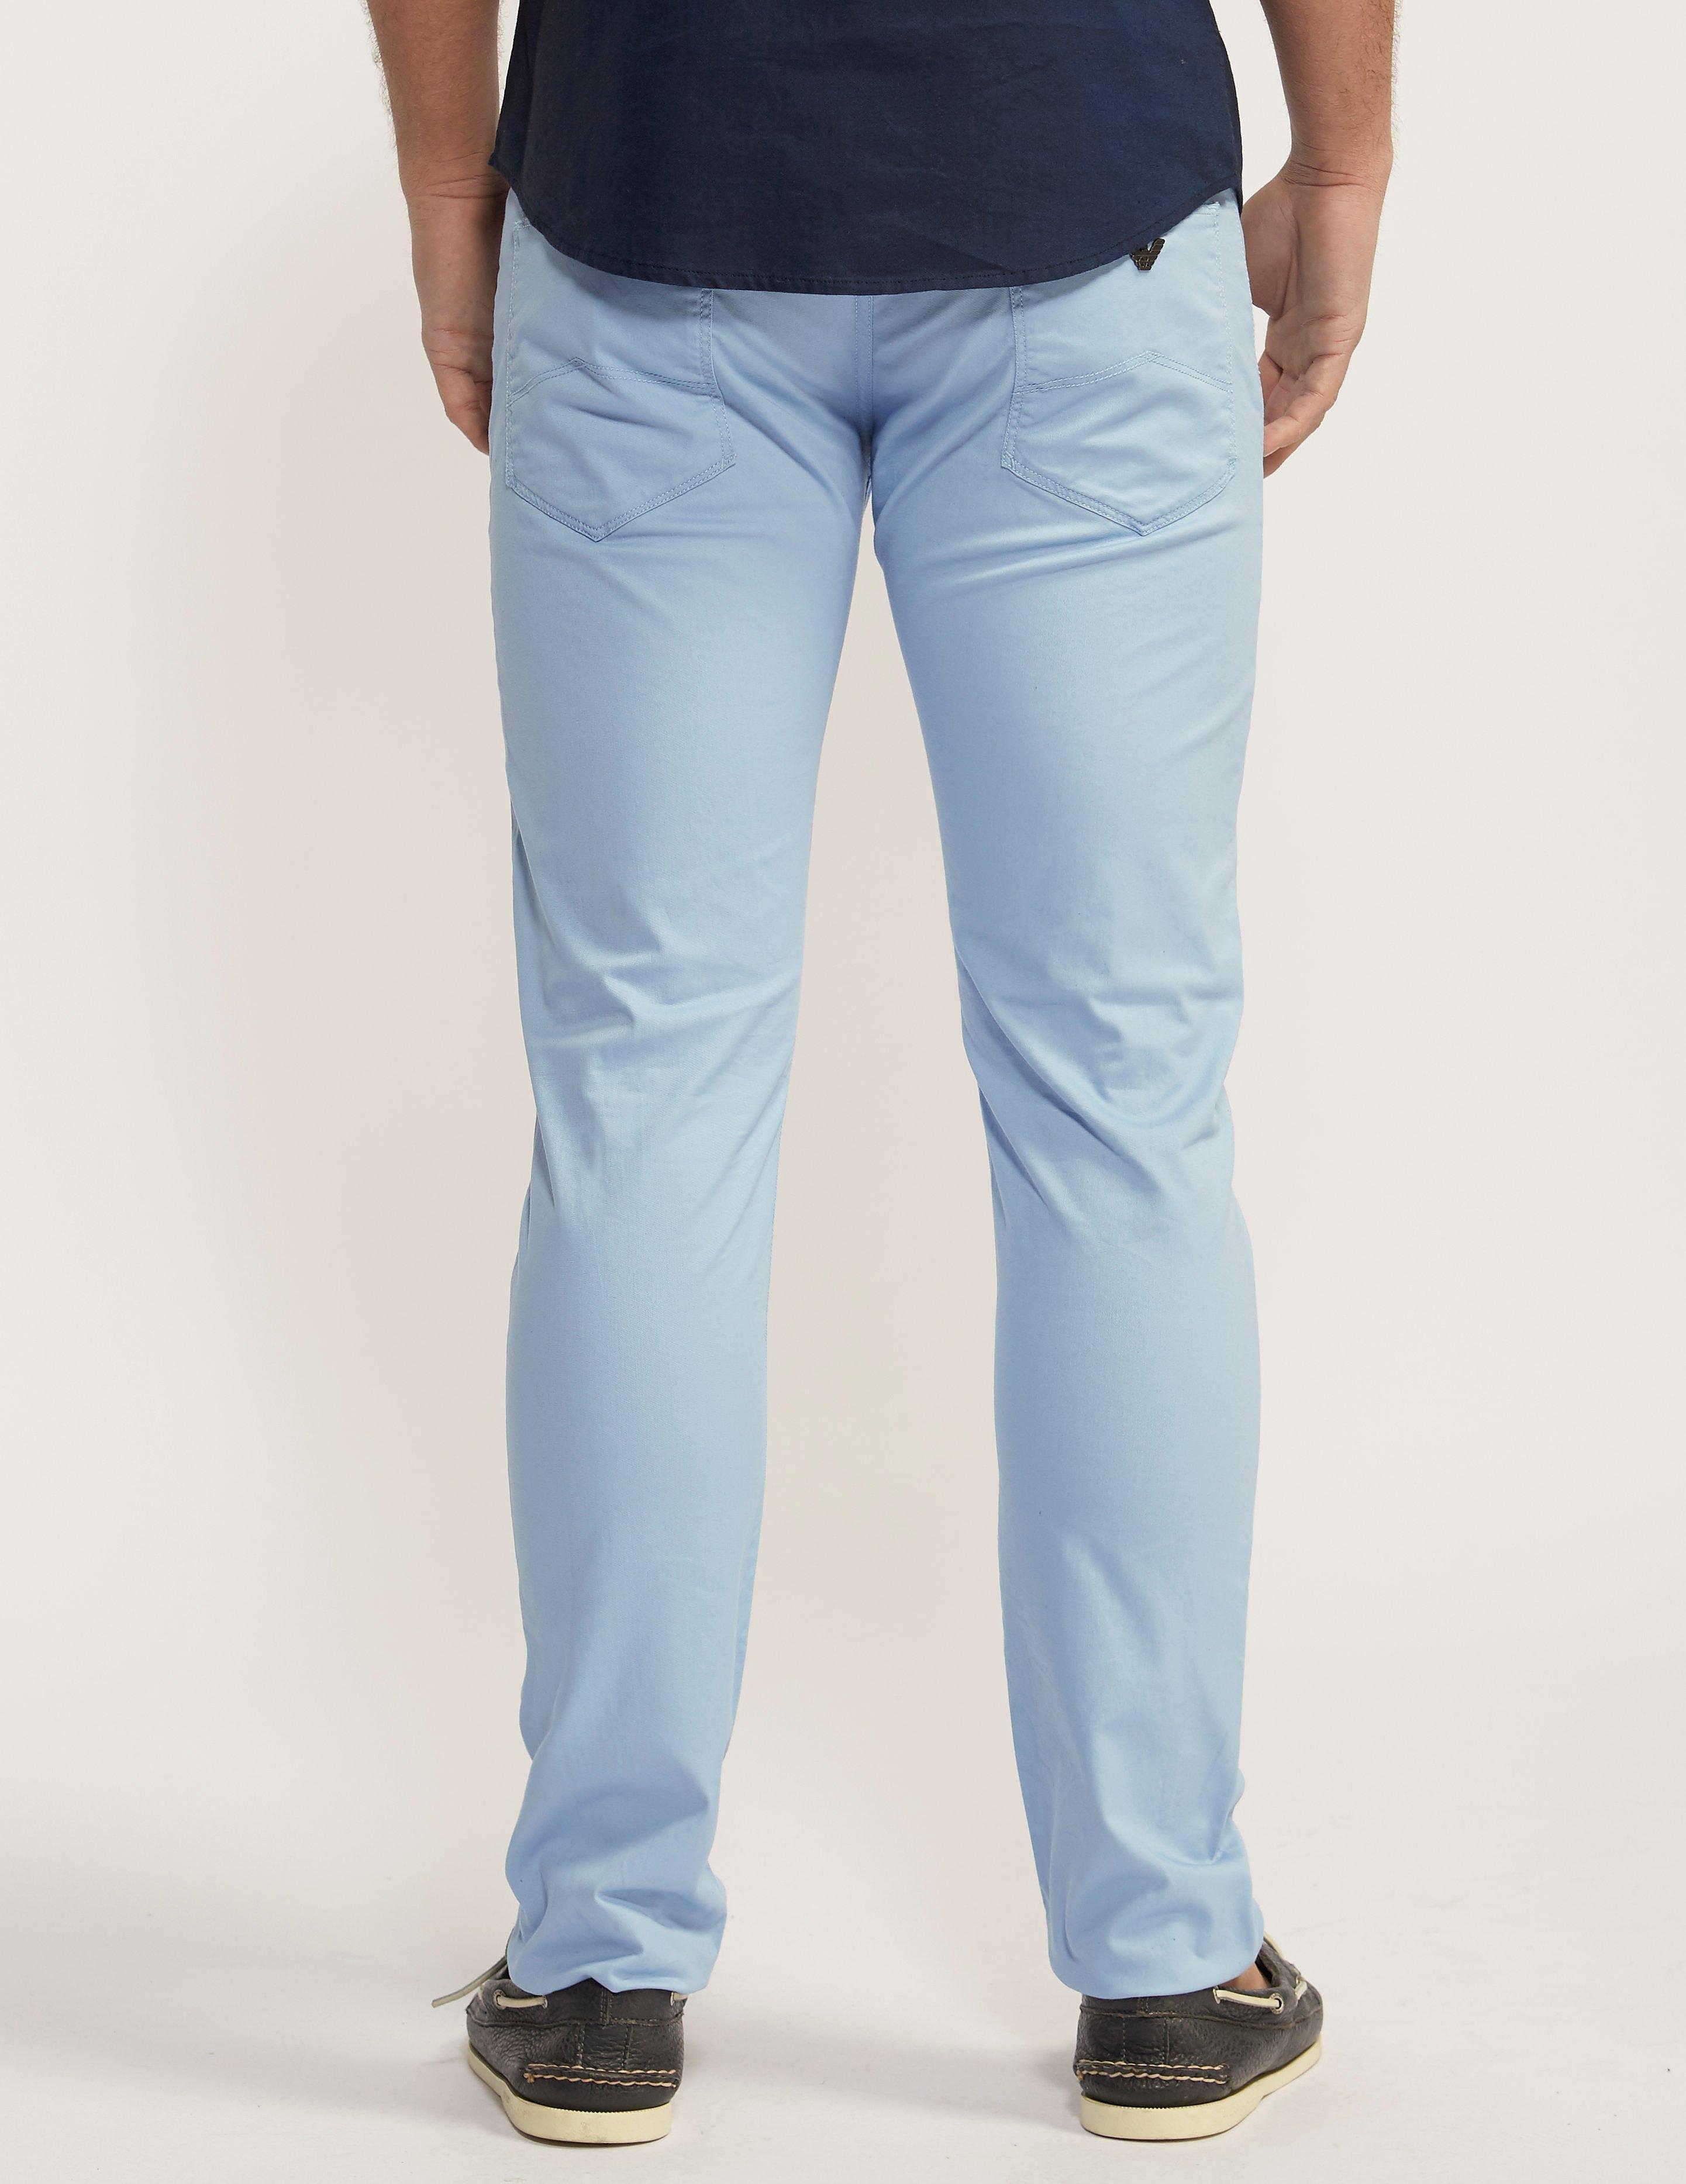 Armani Jeans J06 Cotton Chino  Long Leg